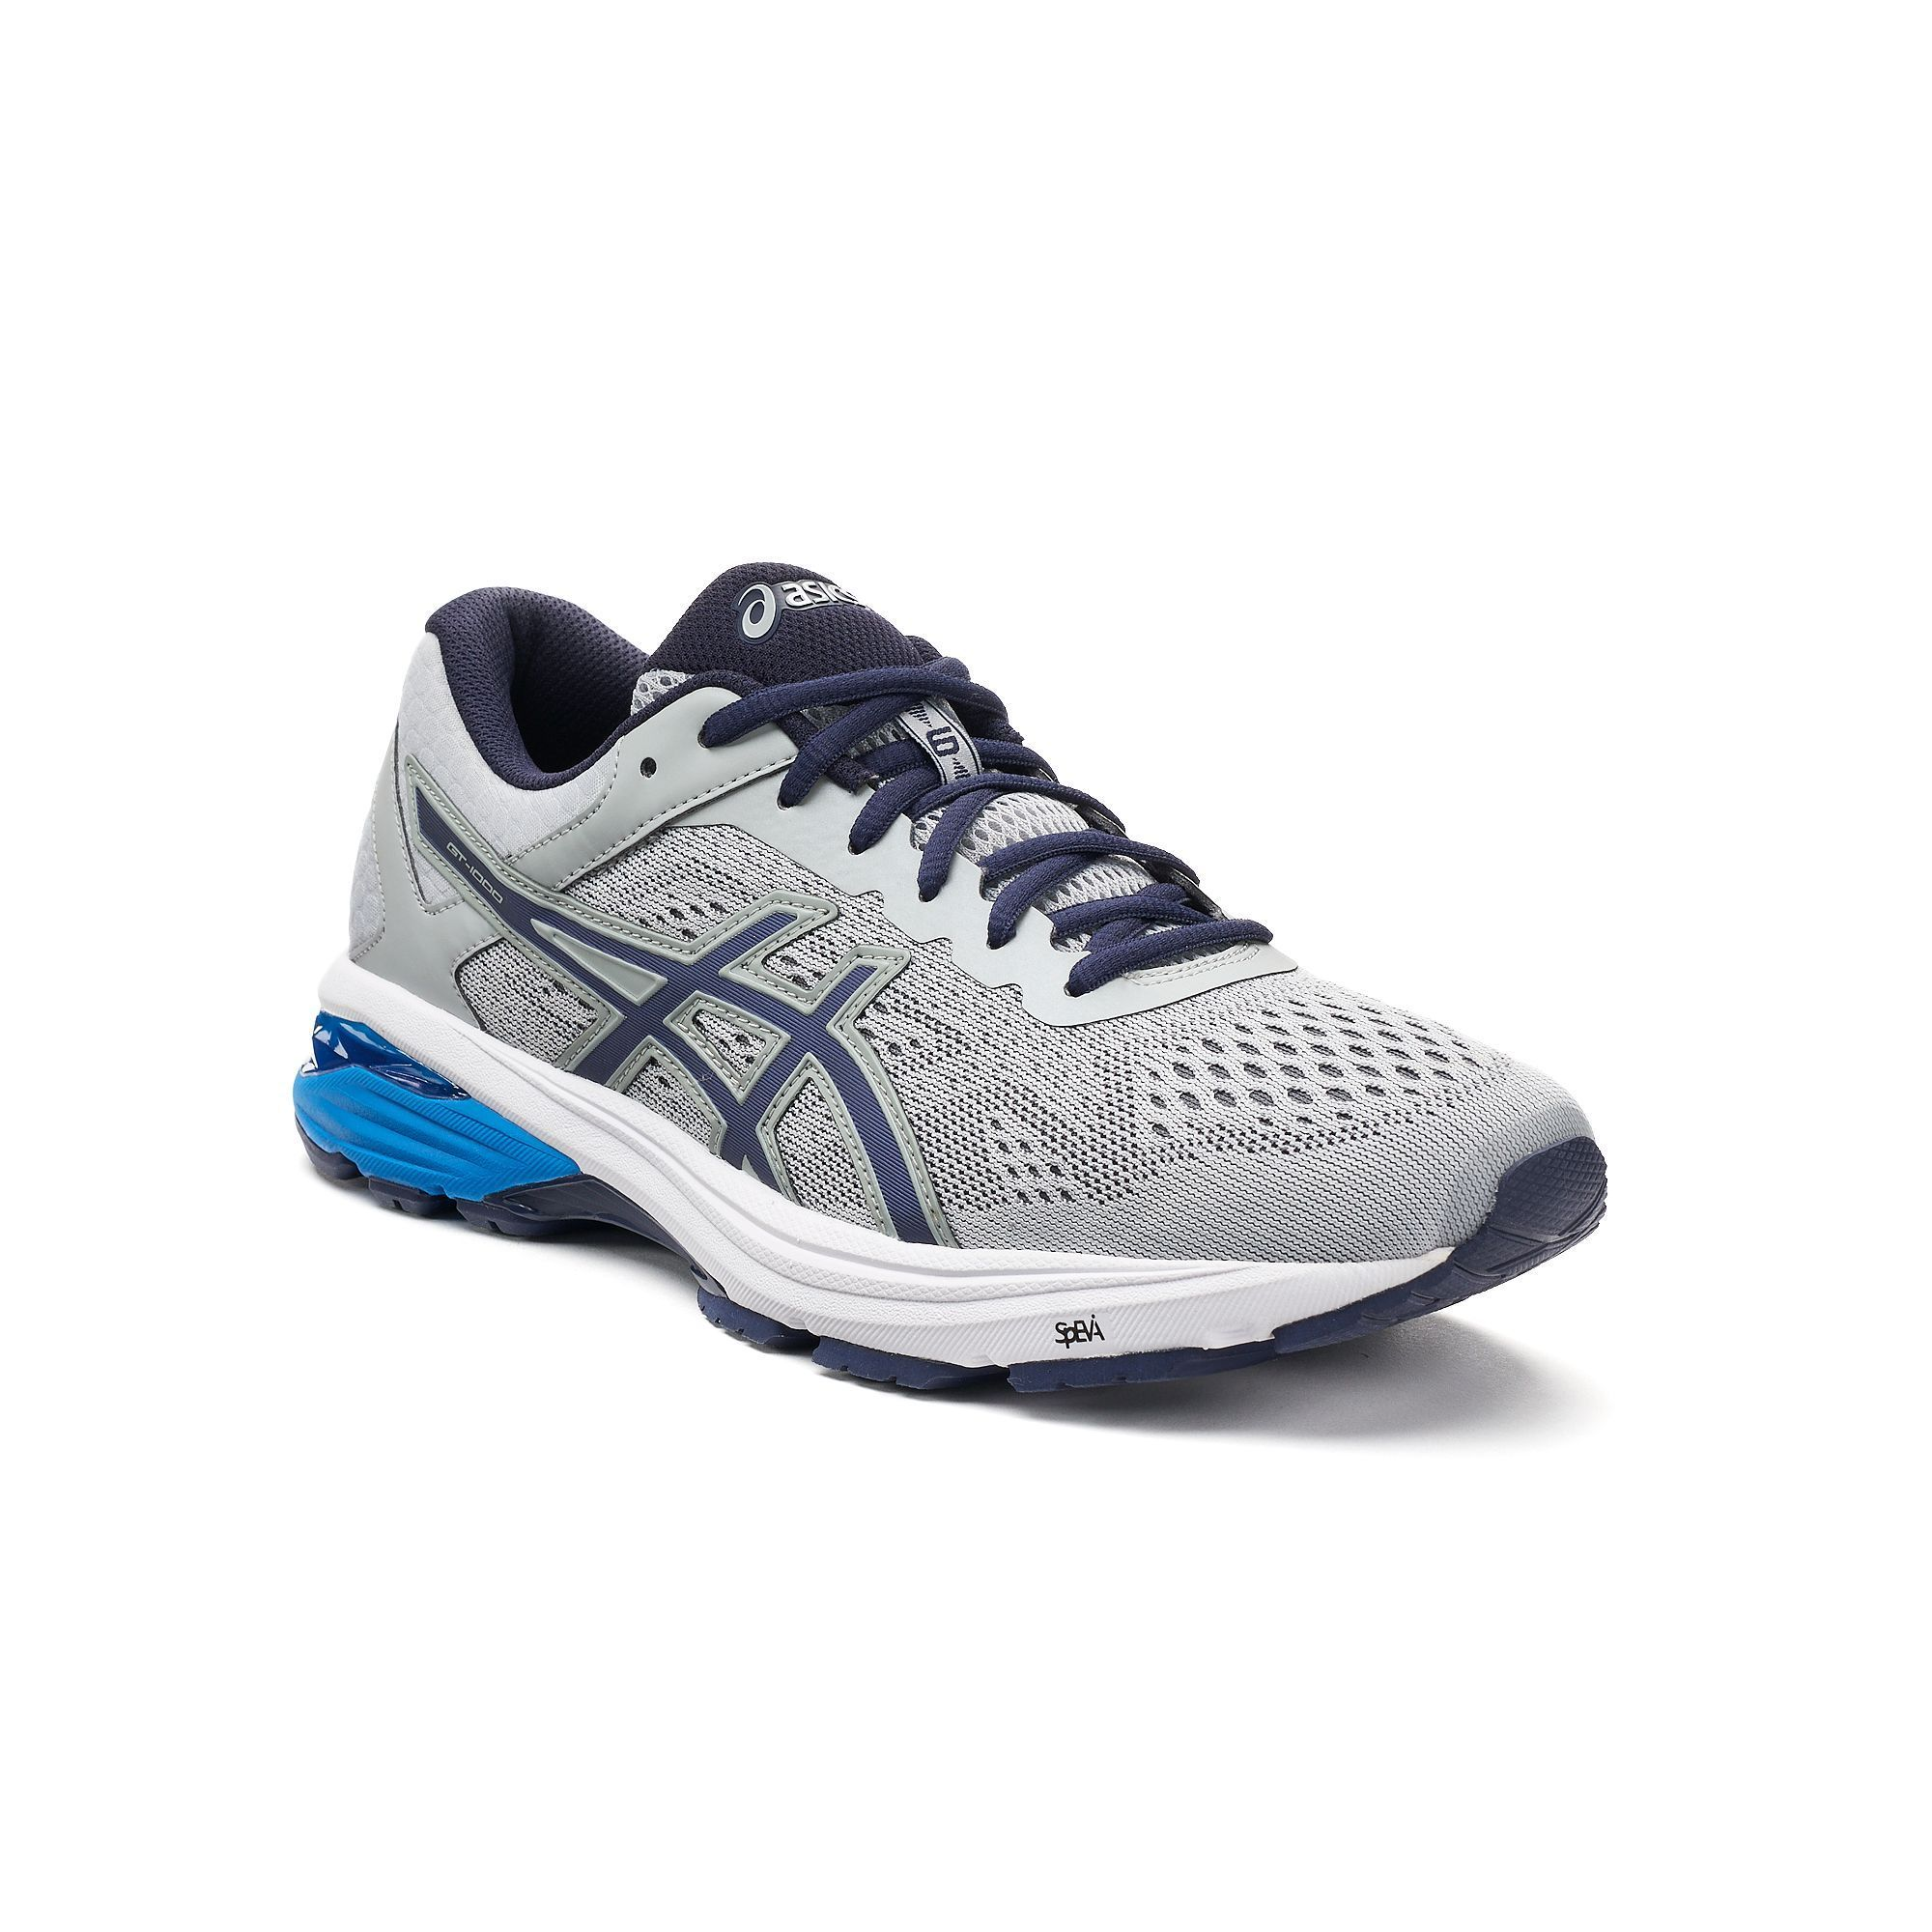 ASICS GT 1000 6 Men's Running Shoes | Running shoes for men